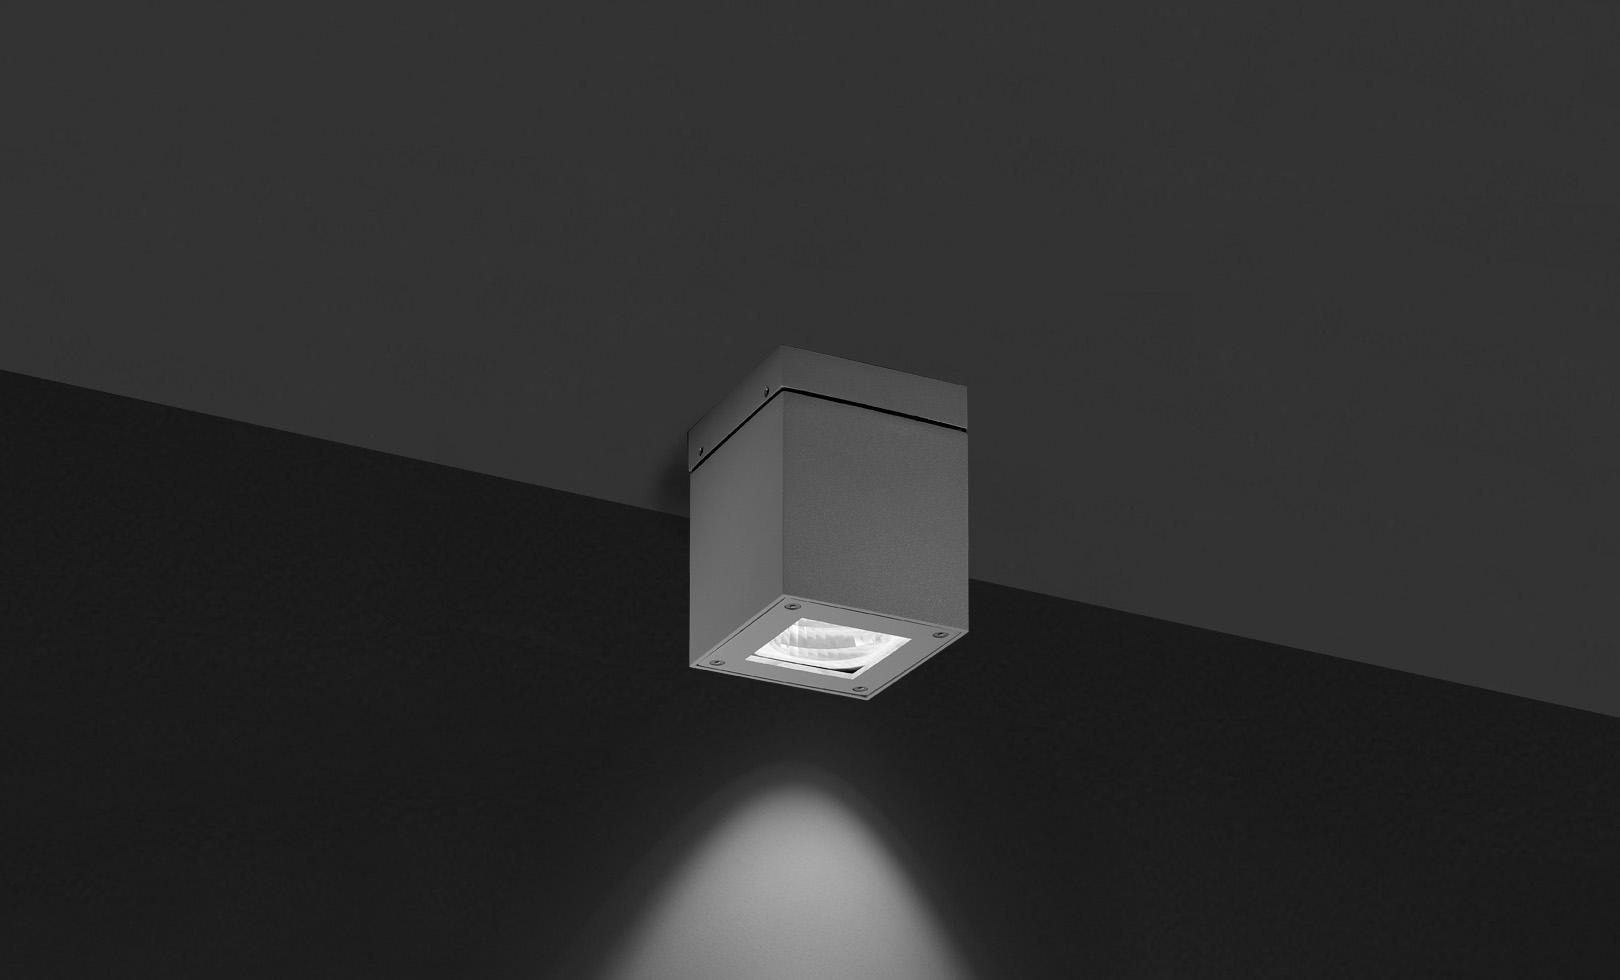 706010 TECH MINI COMPACT 03 SQUARE LED 9W 1